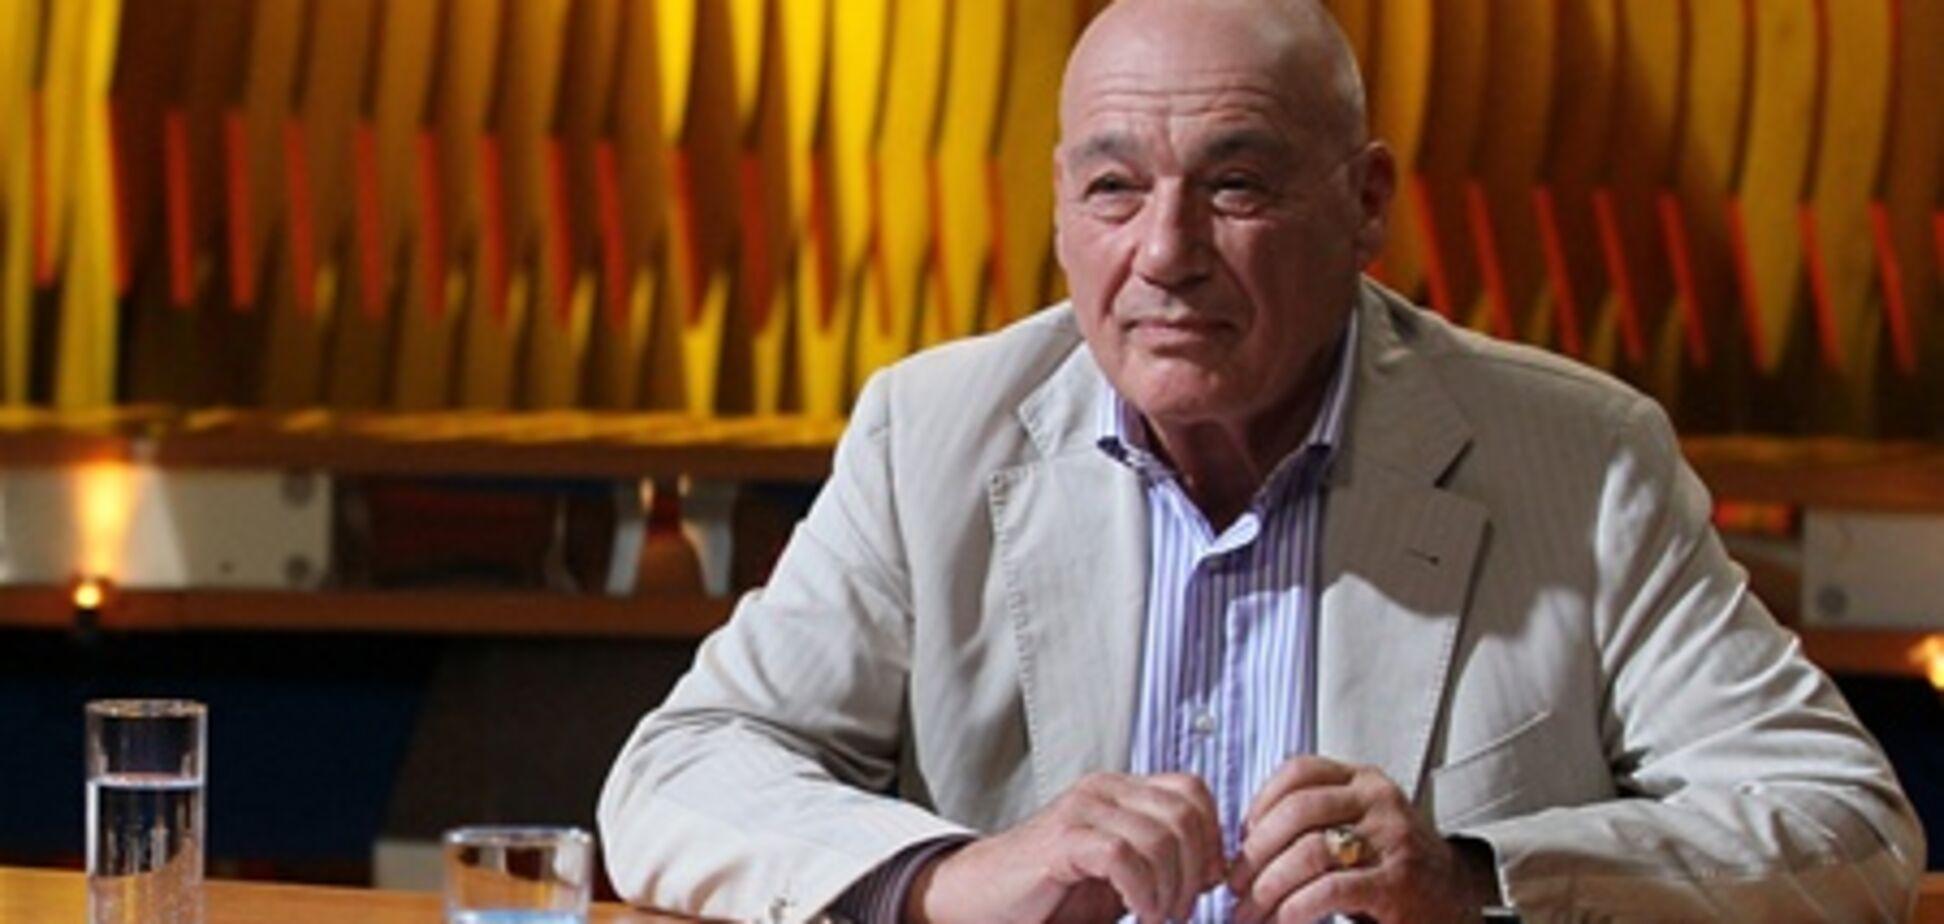 Депутат от 'Единой России' требует уволить Познера с 'Первого канала'